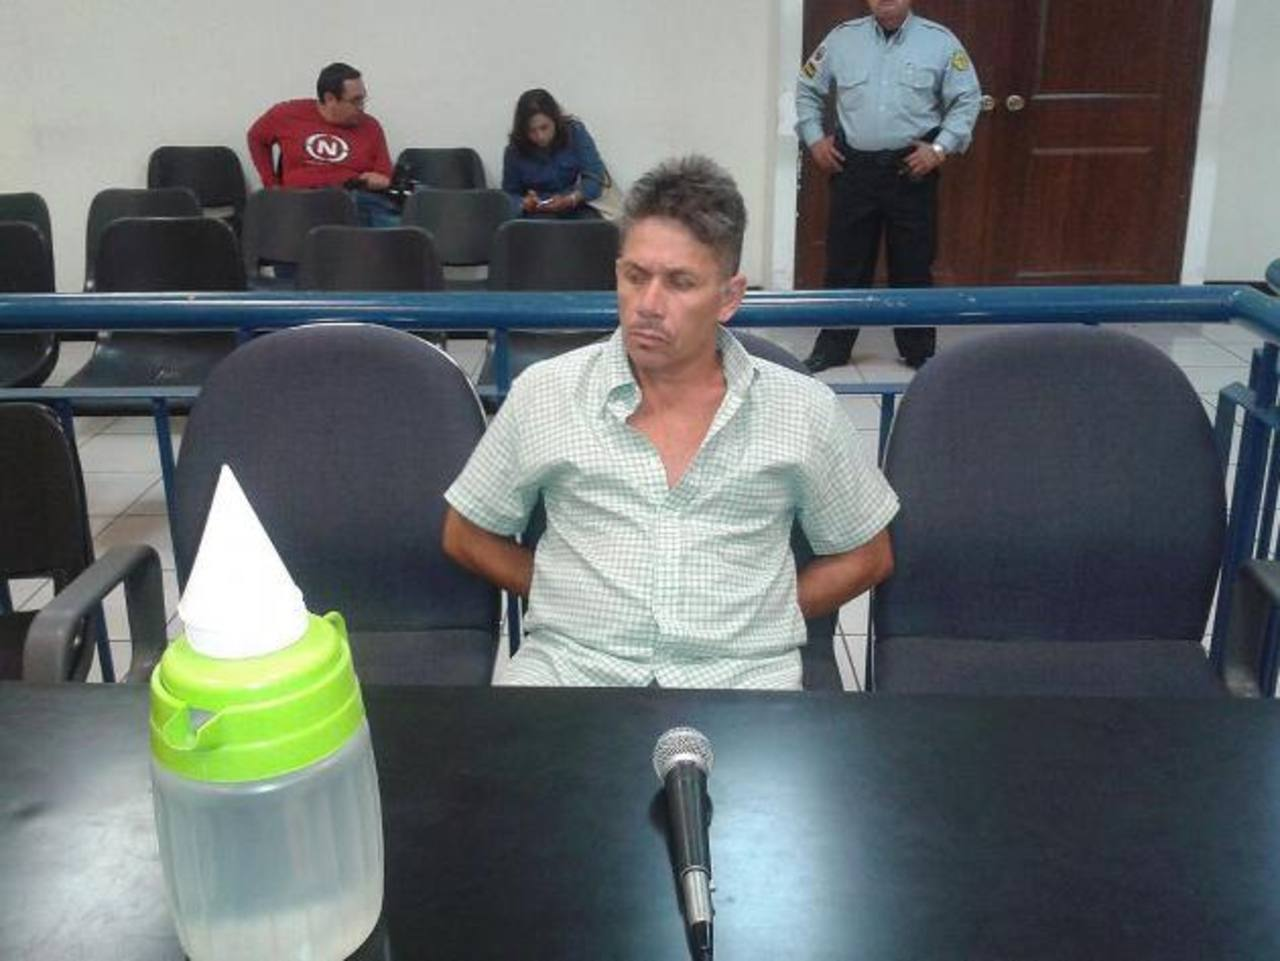 Tribunal concluyó que Manuel Bermúdez amarró y prendió fuego a su compañera con pleno conocimiento. Foto EDH / fgr